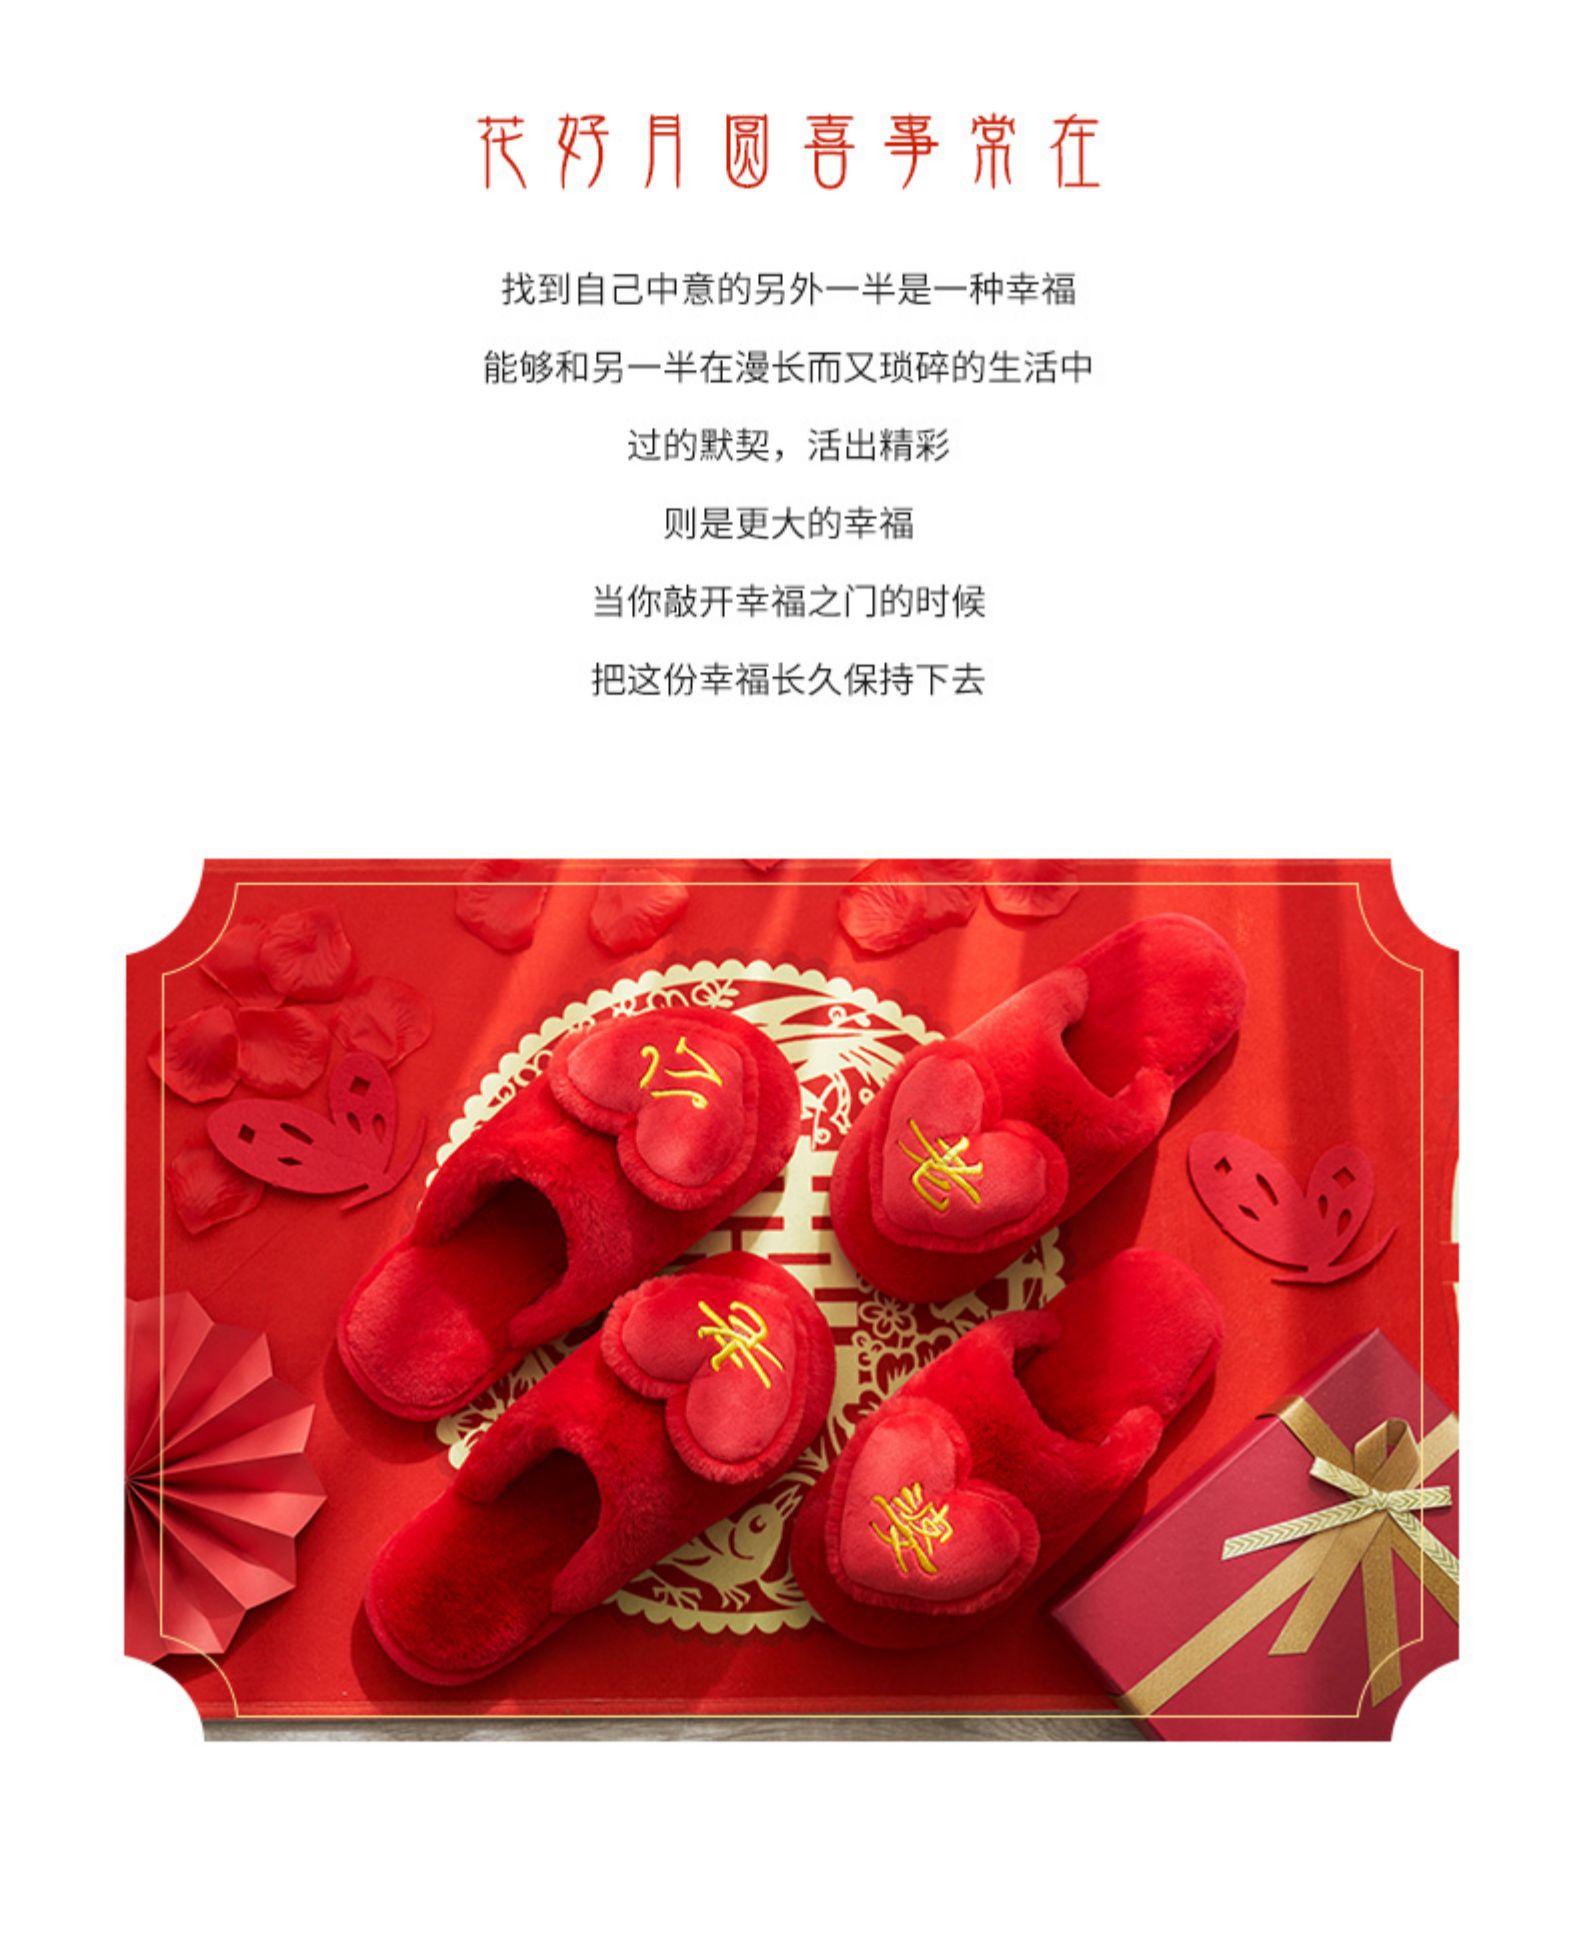 Chồng vợ vợ chồng lễ hội dép màu đỏ mùa đông trong nhà dép bông mùa đông cô dâu và chú rể cưới một cặp